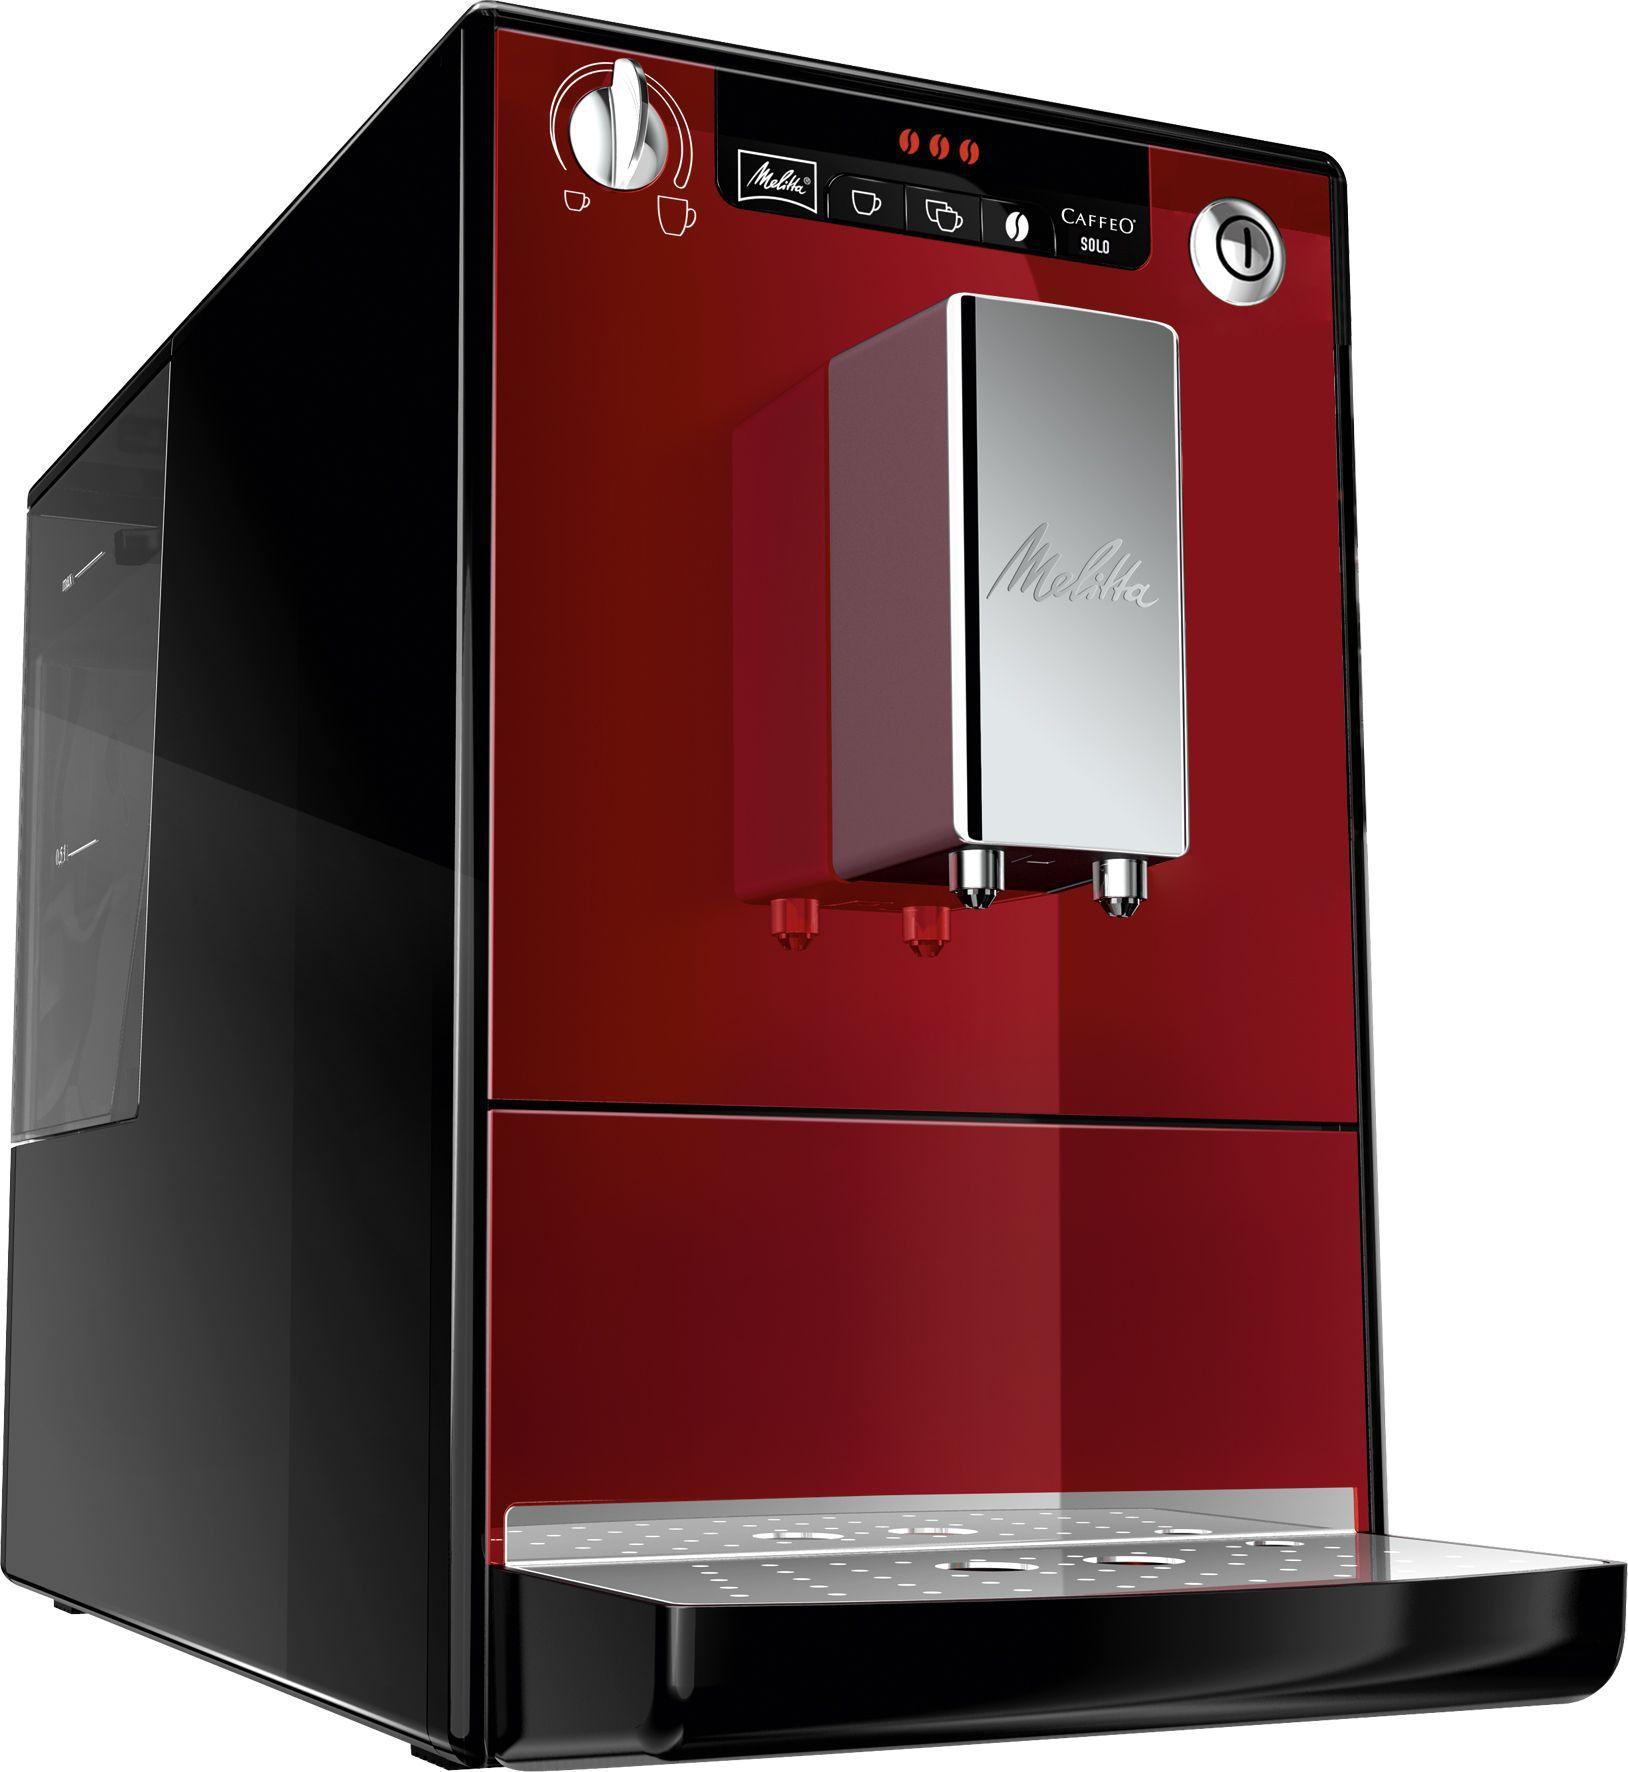 machine expresso automatique avec broyeur int gr achat vente moulin ca. Black Bedroom Furniture Sets. Home Design Ideas